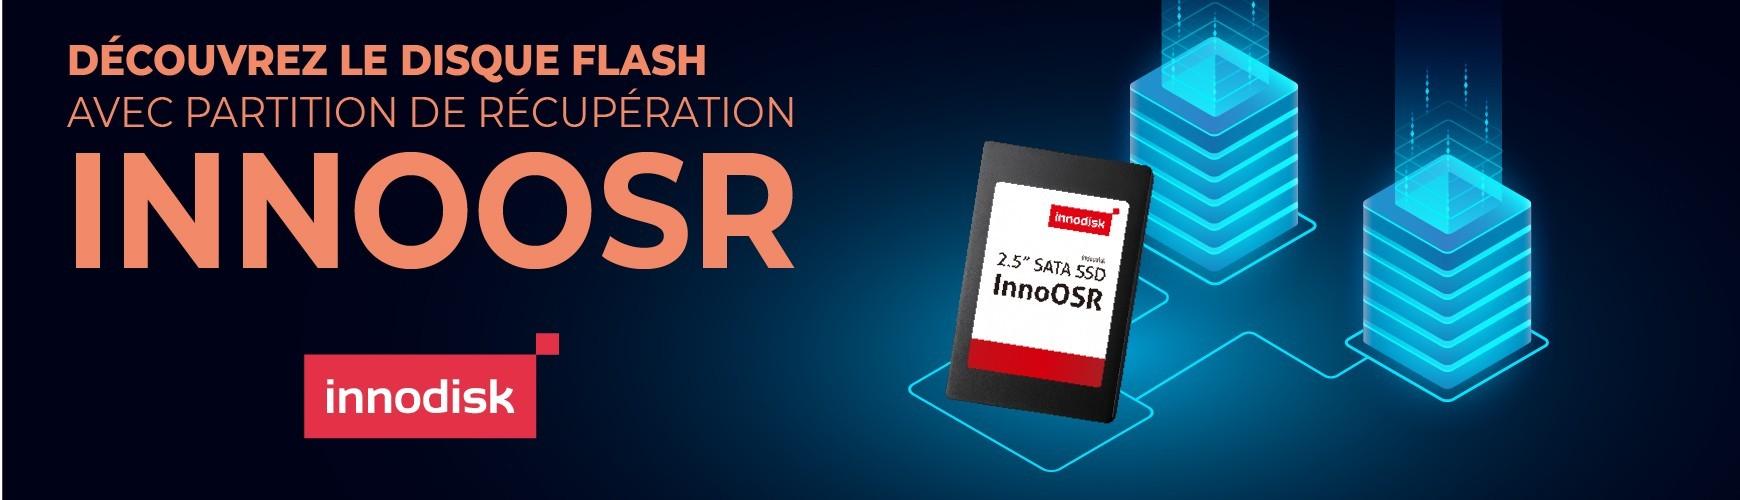 Découvrez le disque flash avec partition de récupération : InnoOSR